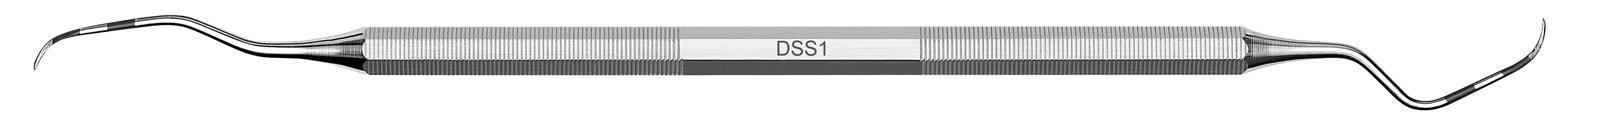 Kyreta Deppeler smart scaling (DSS) - DSS1, ADEP červený